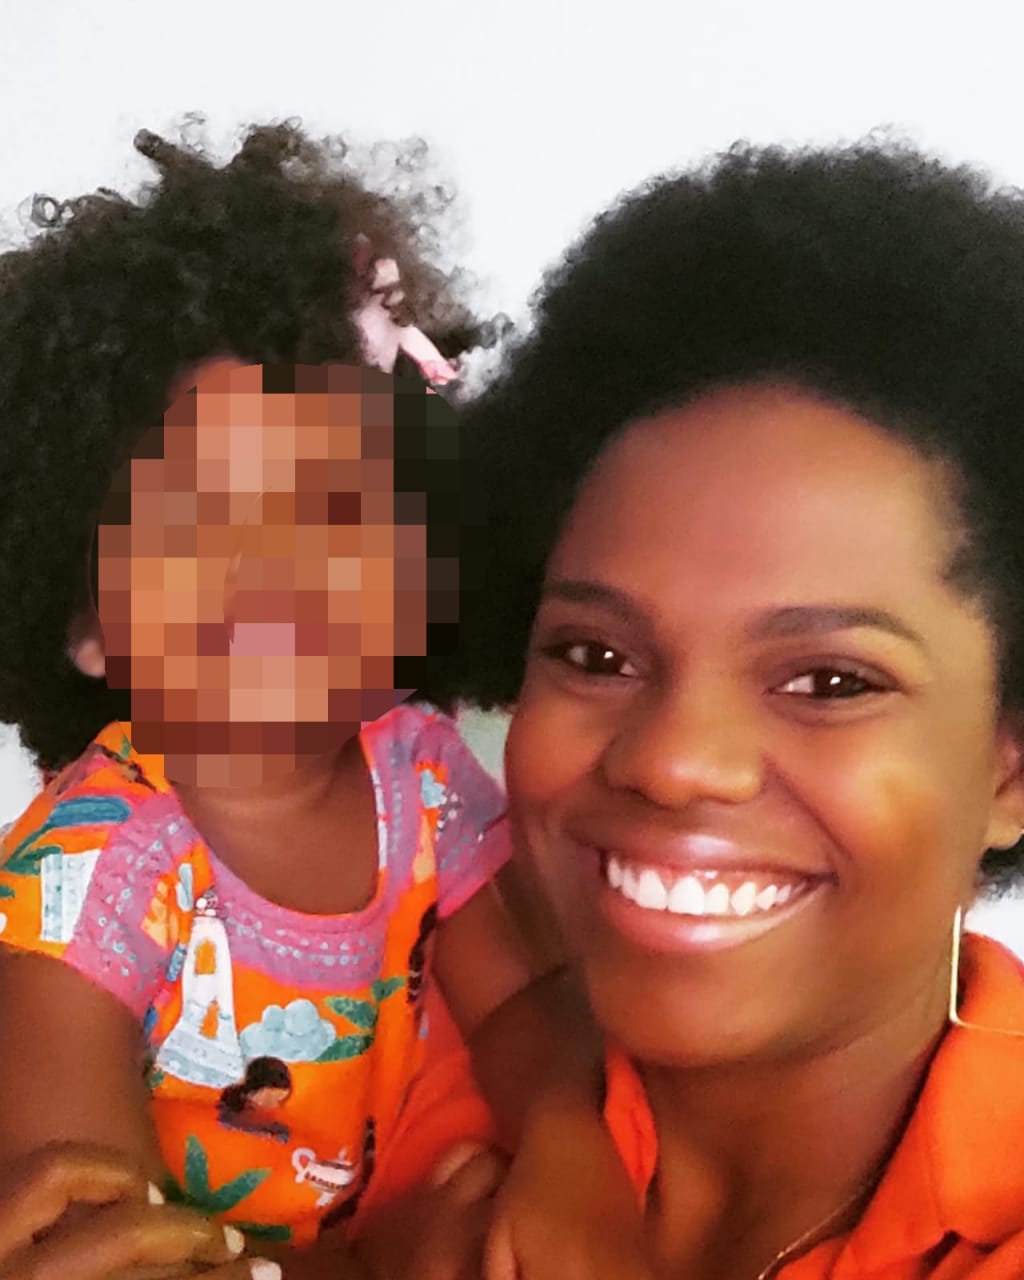 Criança de 2 anos que sofreu injúria racial com a mãe